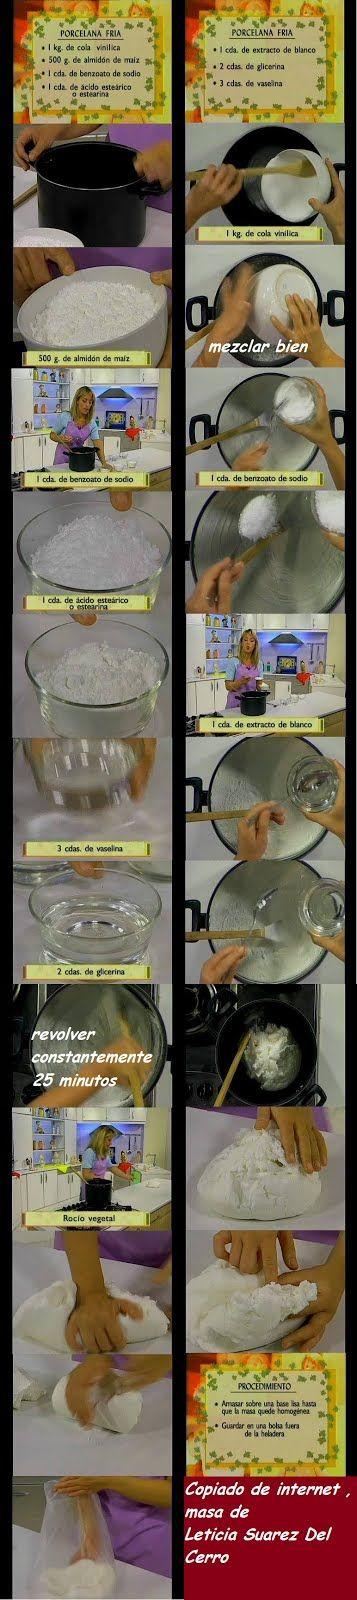 Como Hacer La Masa De Porcelana Fria Por Leticia Suarez Del Cerro Porcelana Fría Porcelana Manualidades